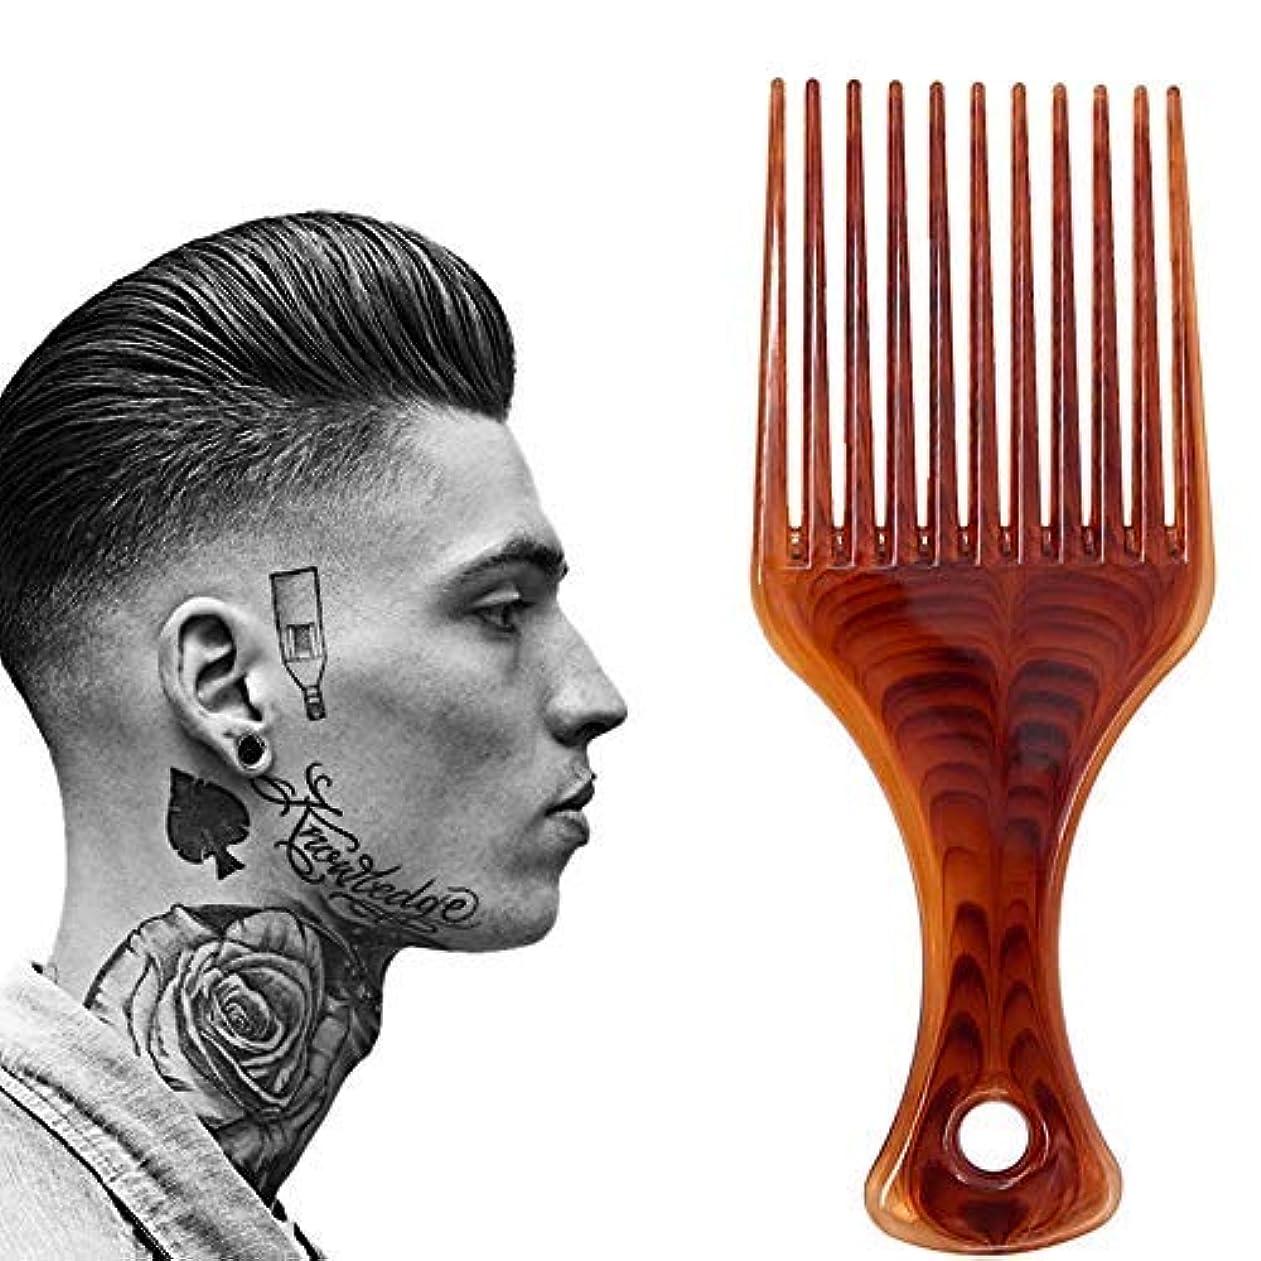 刺激する変わるネイティブLightweight Afro Comb,Amber Afro Pick Hair Comb,Plastic Hair Brushes for Man & Woman Hairdressing Styling [並行輸入品]